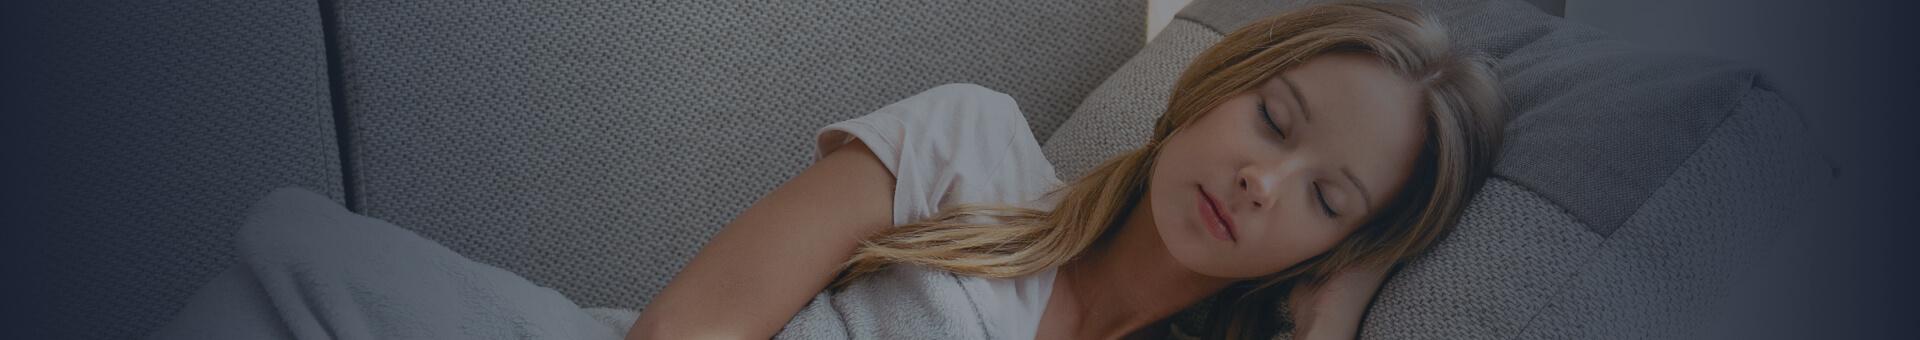 Take Nap